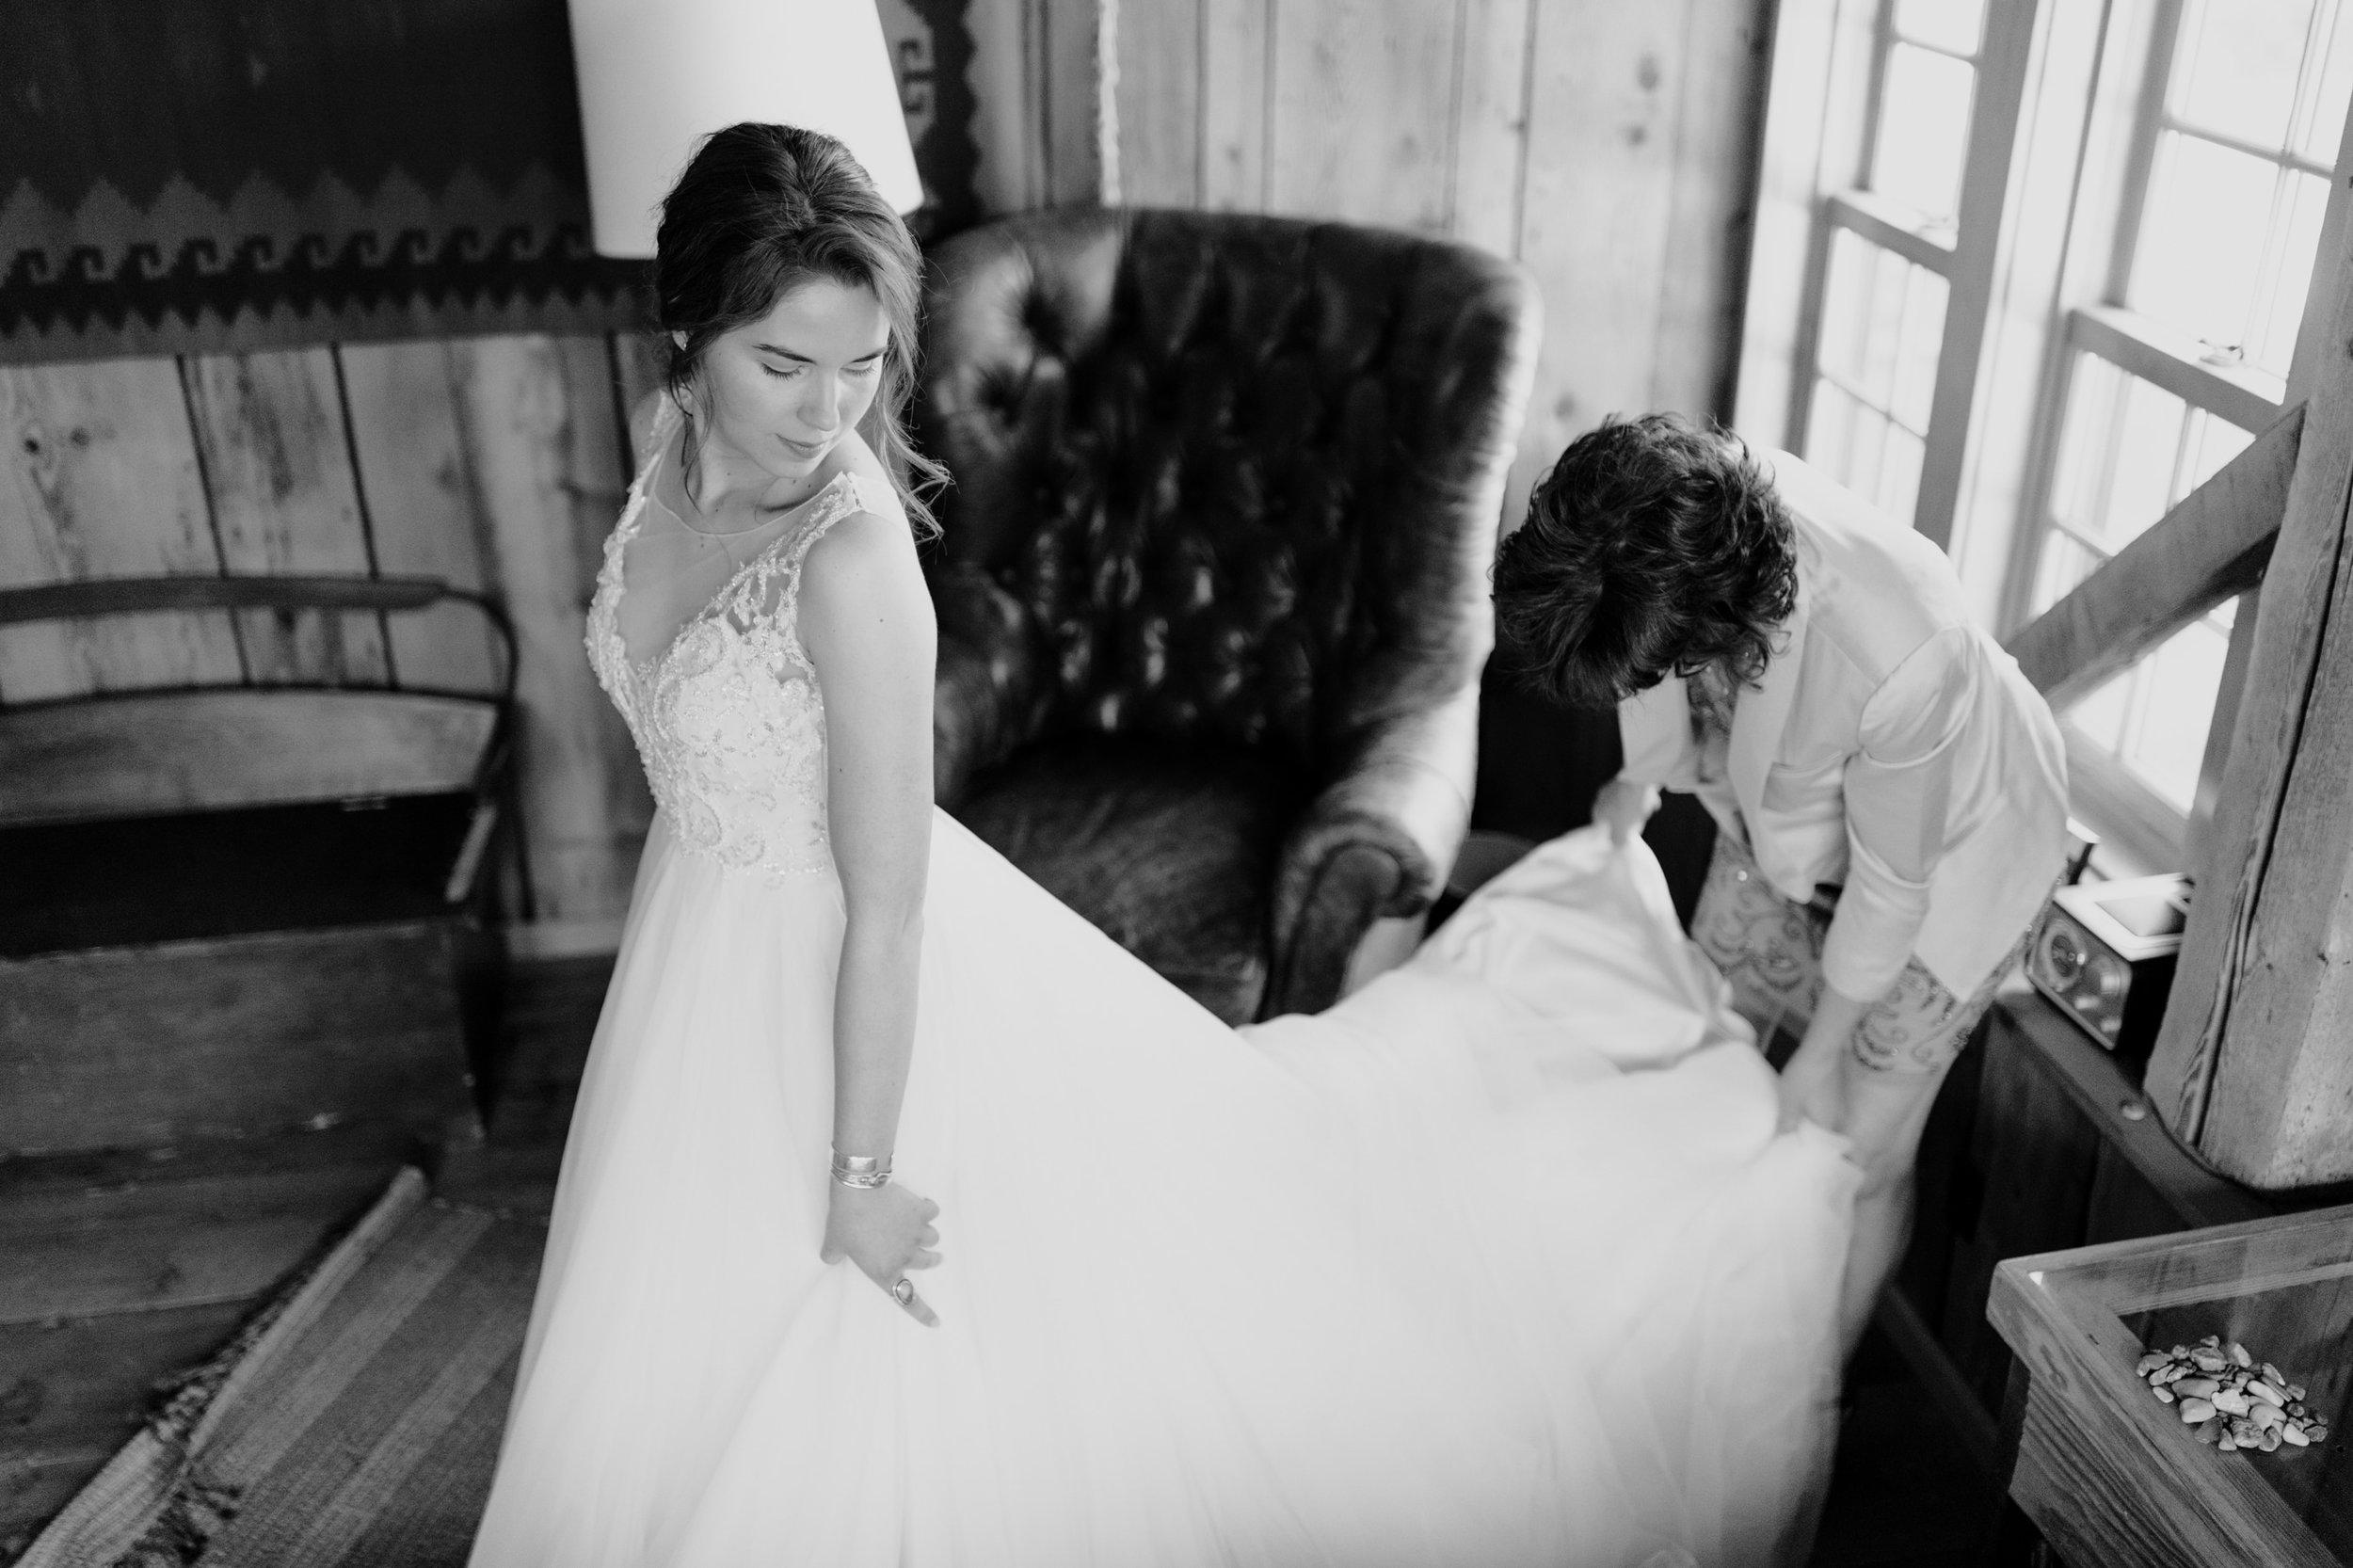 Madeline-Island-Wedding-Photography_9.jpg